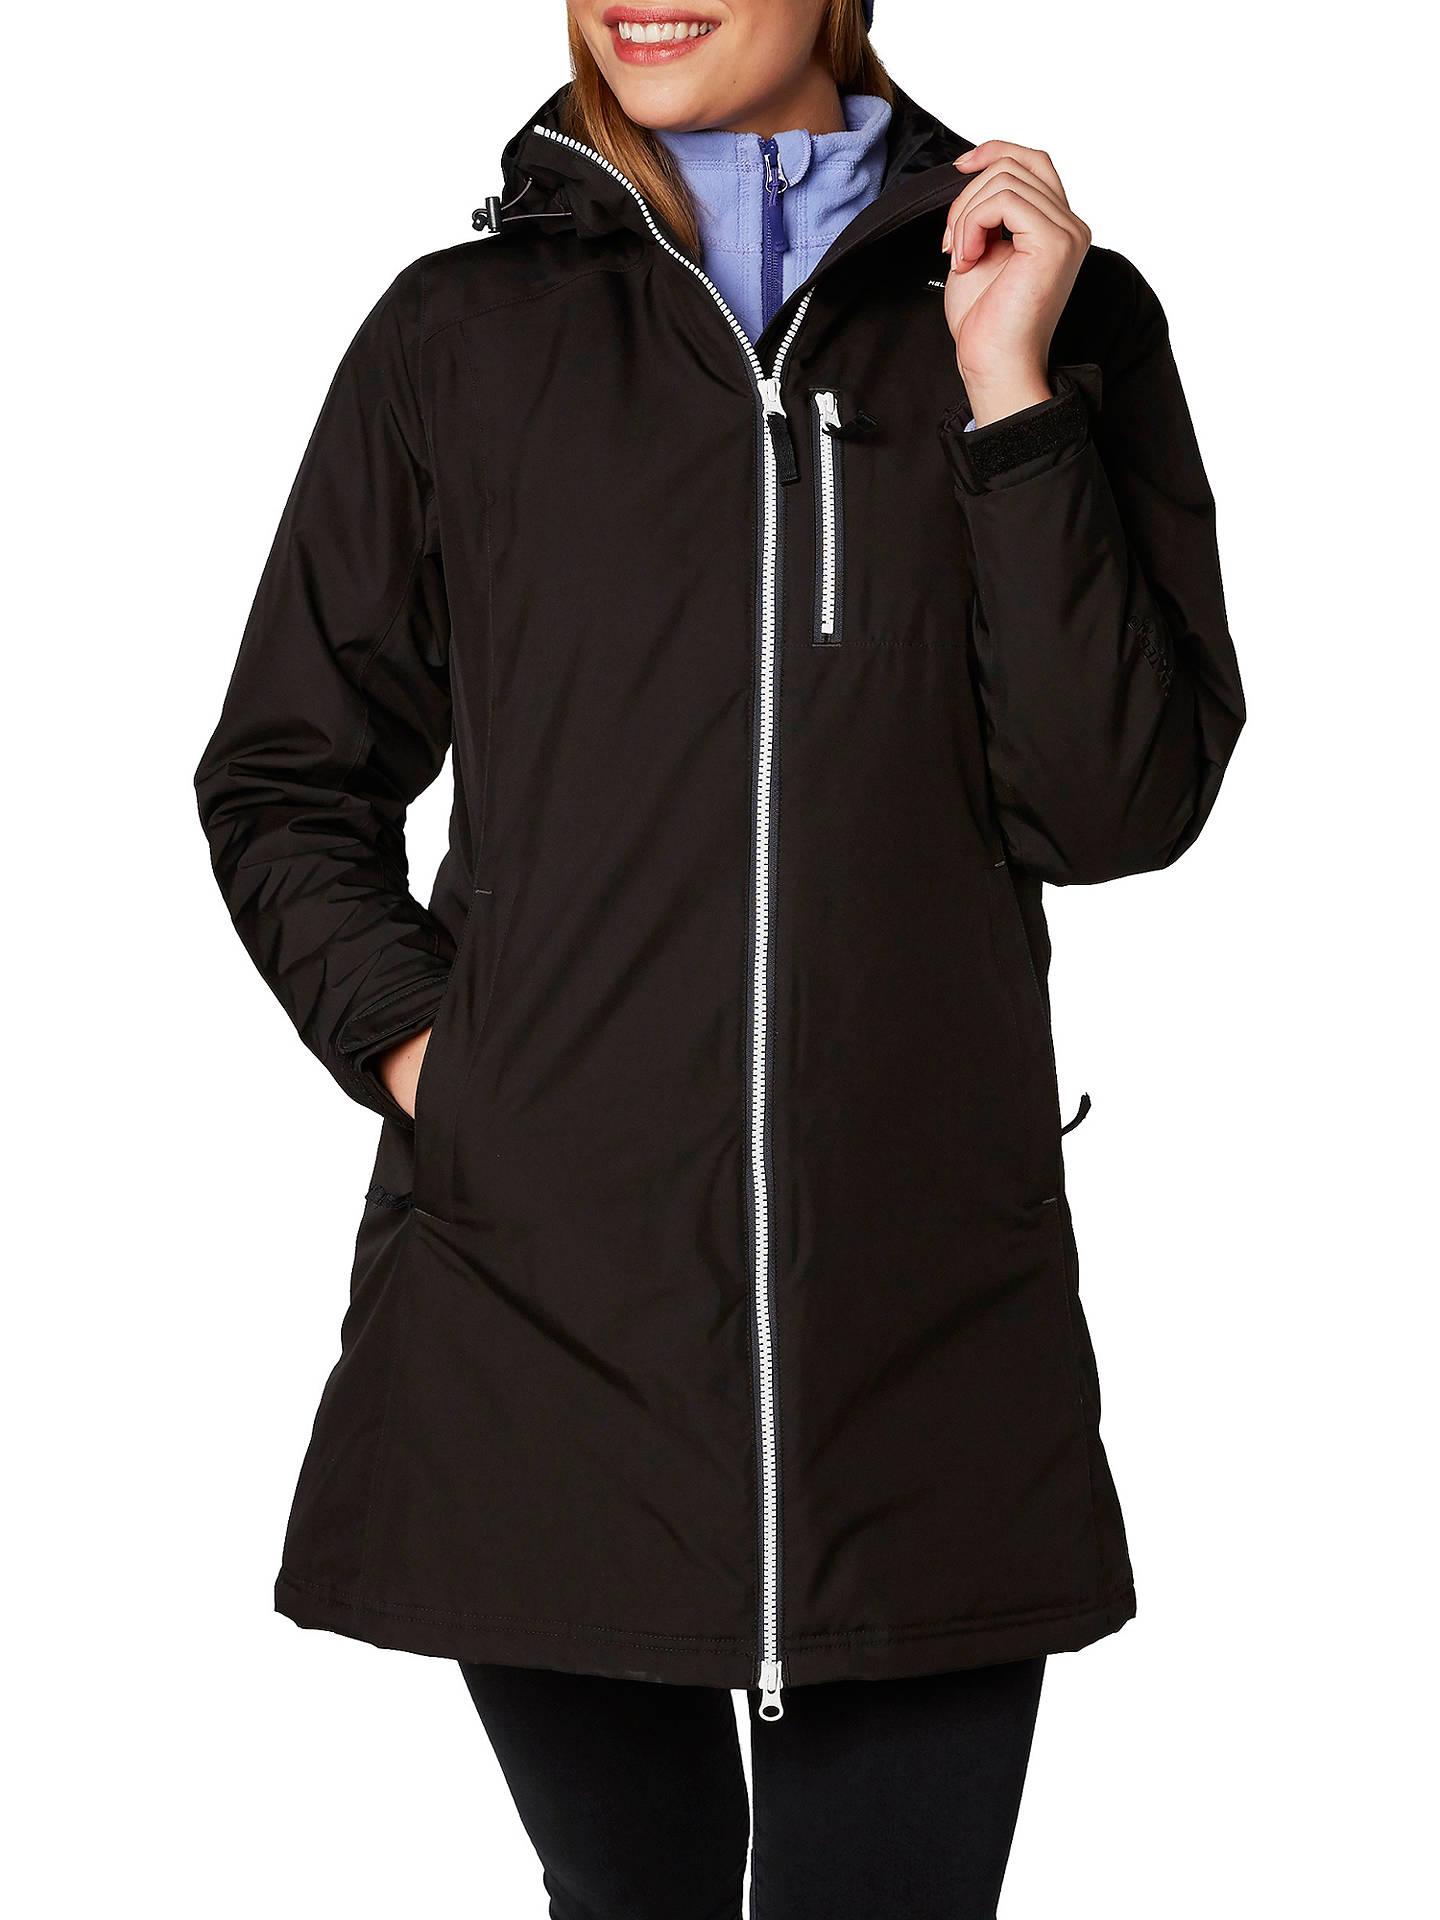 c6c7efd2c Helly Hansen Long Belfast Waterproof Insulated Women's Jacket at ...